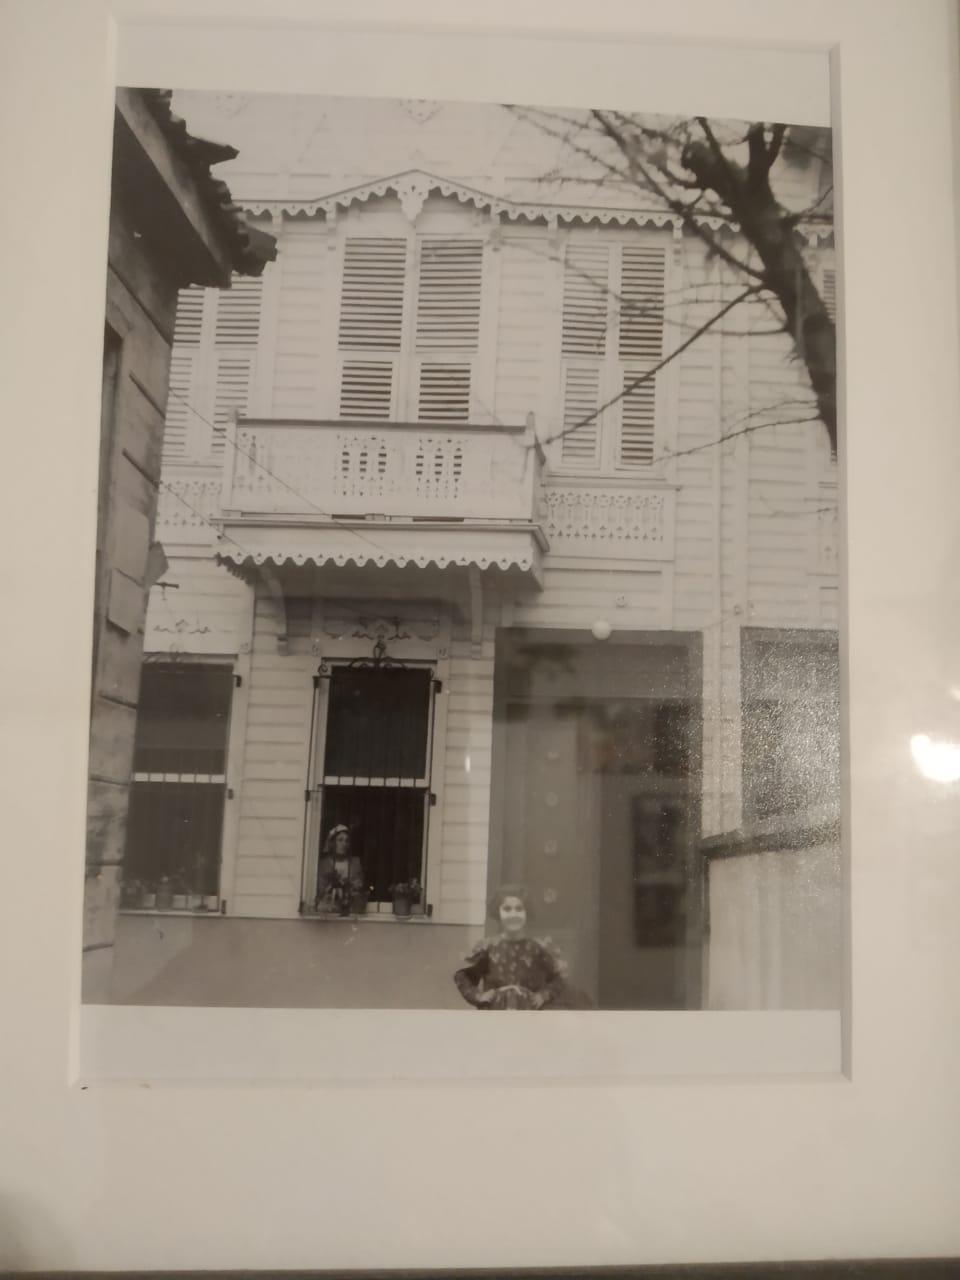 1e.ilyadislerin-istanbul-ayaspasadaki-evi.jpg